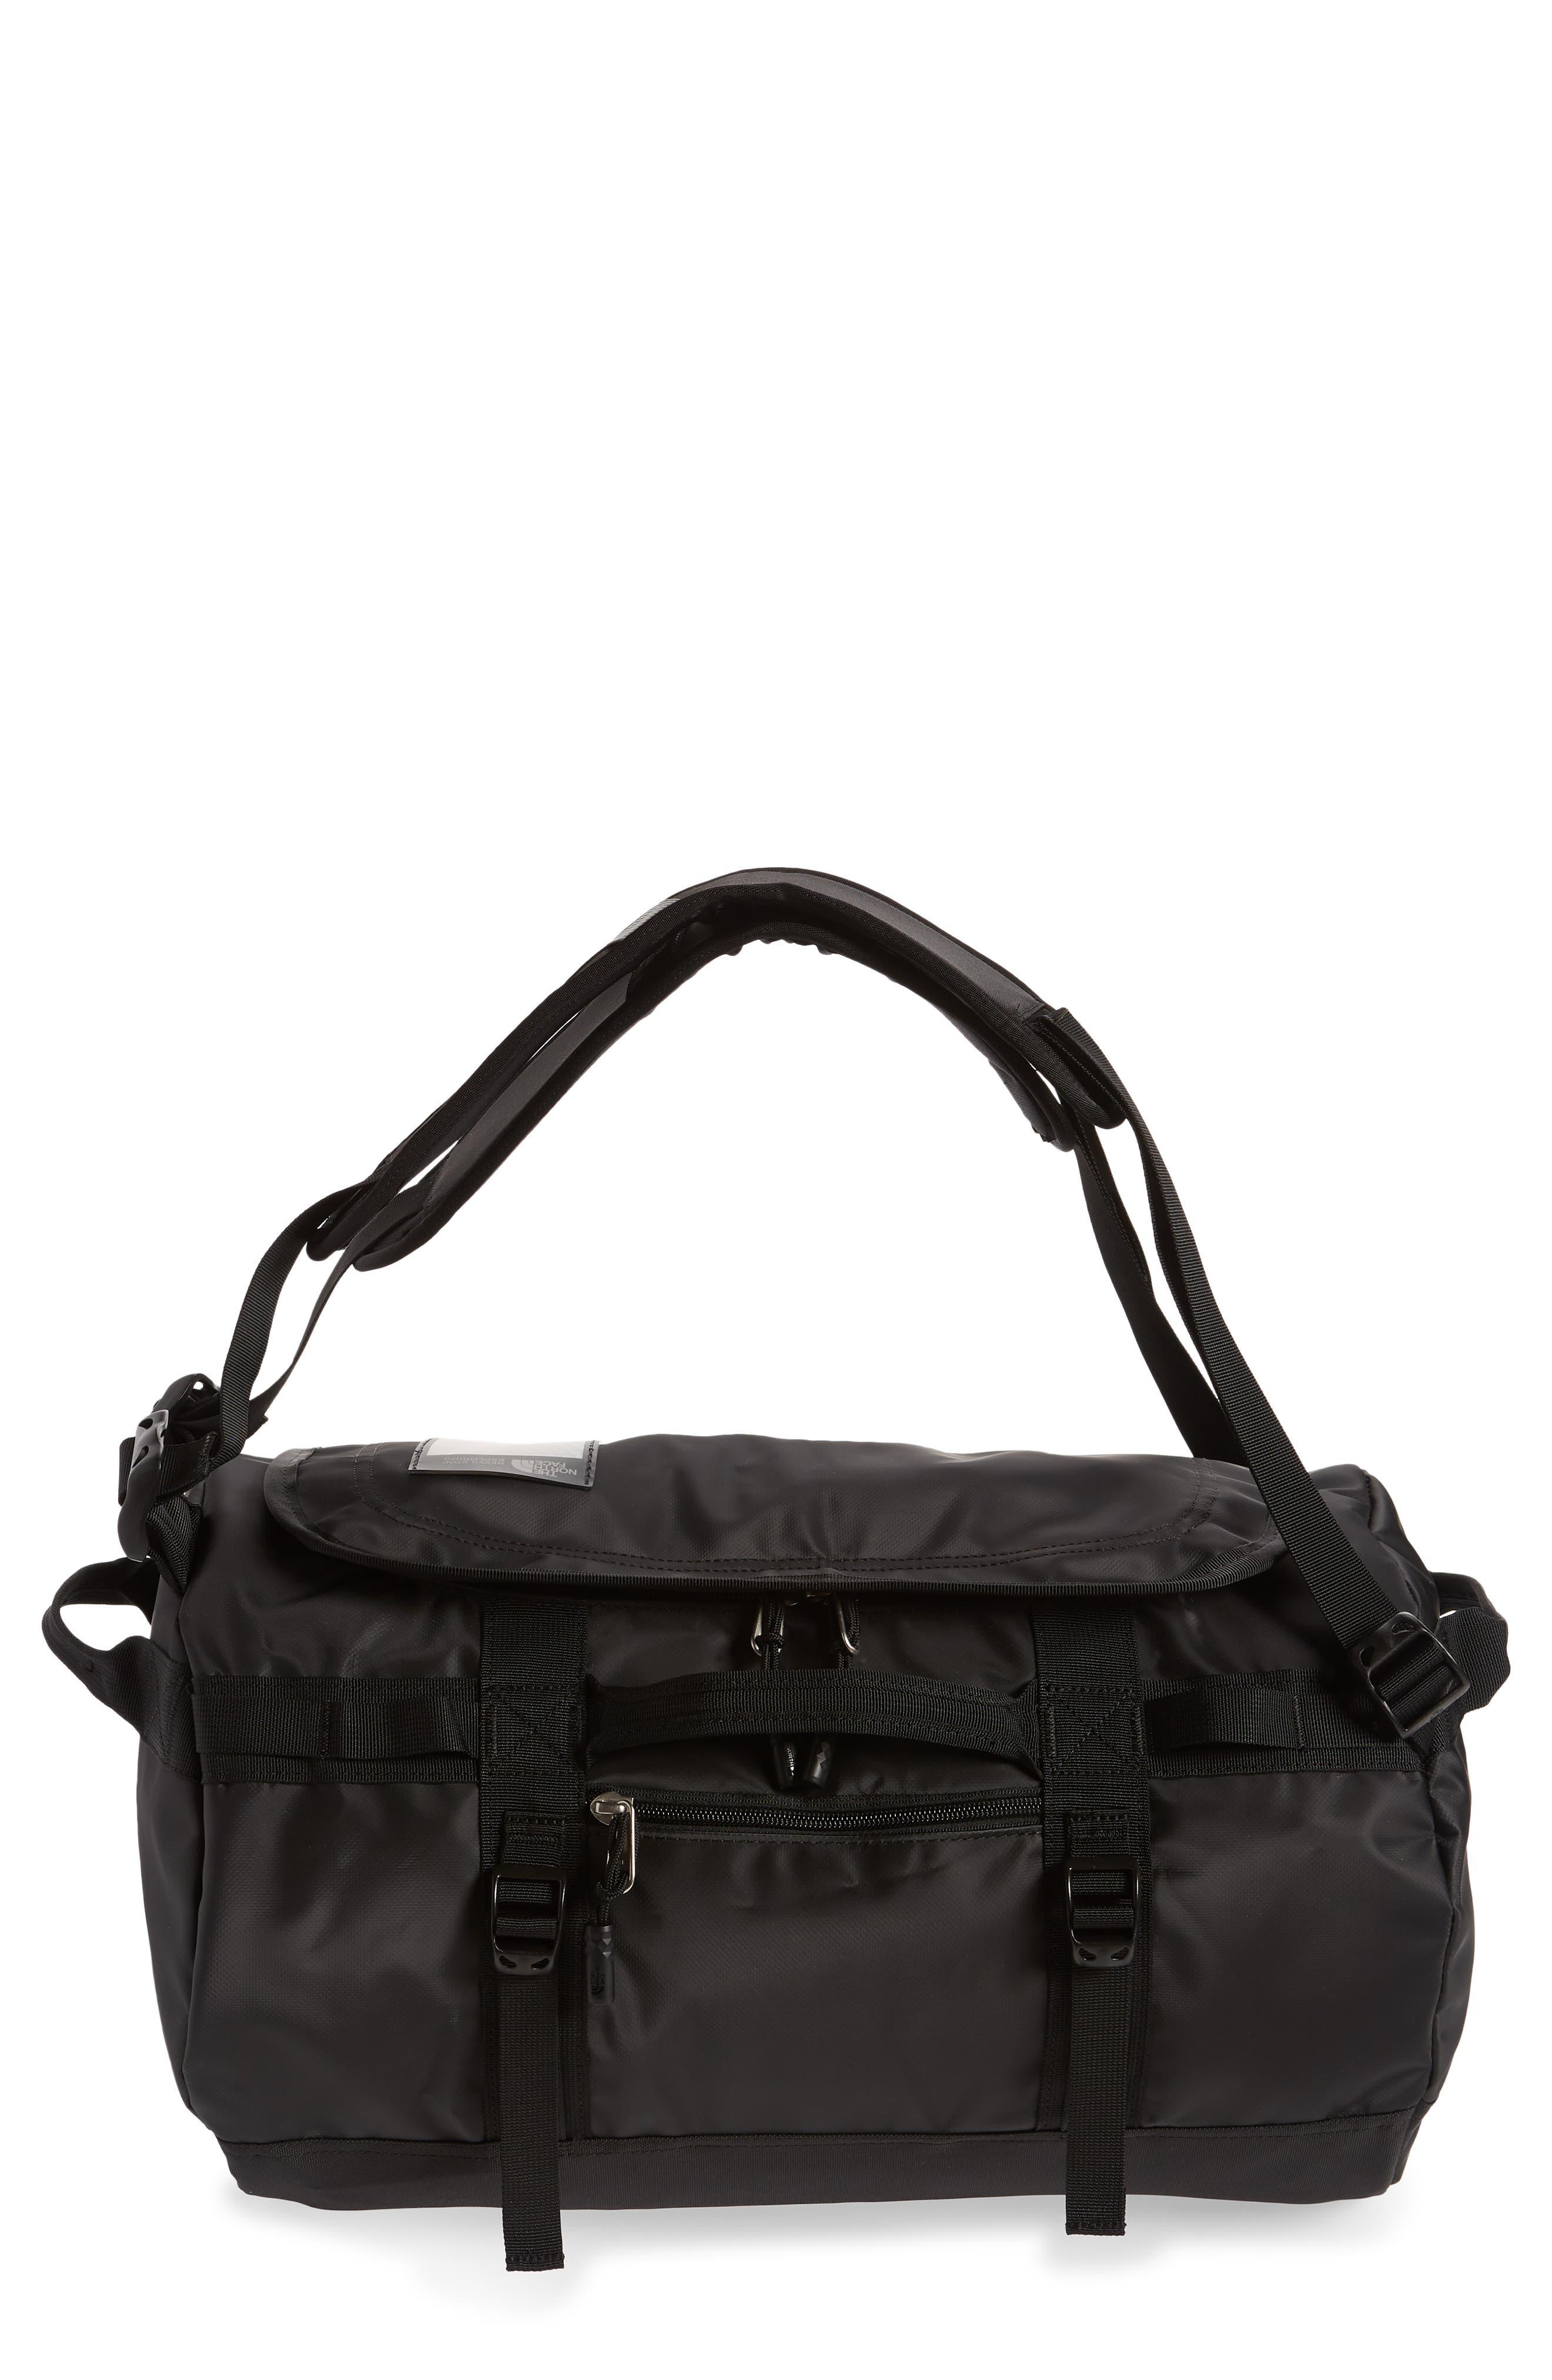 Base Camp Duffle Bag